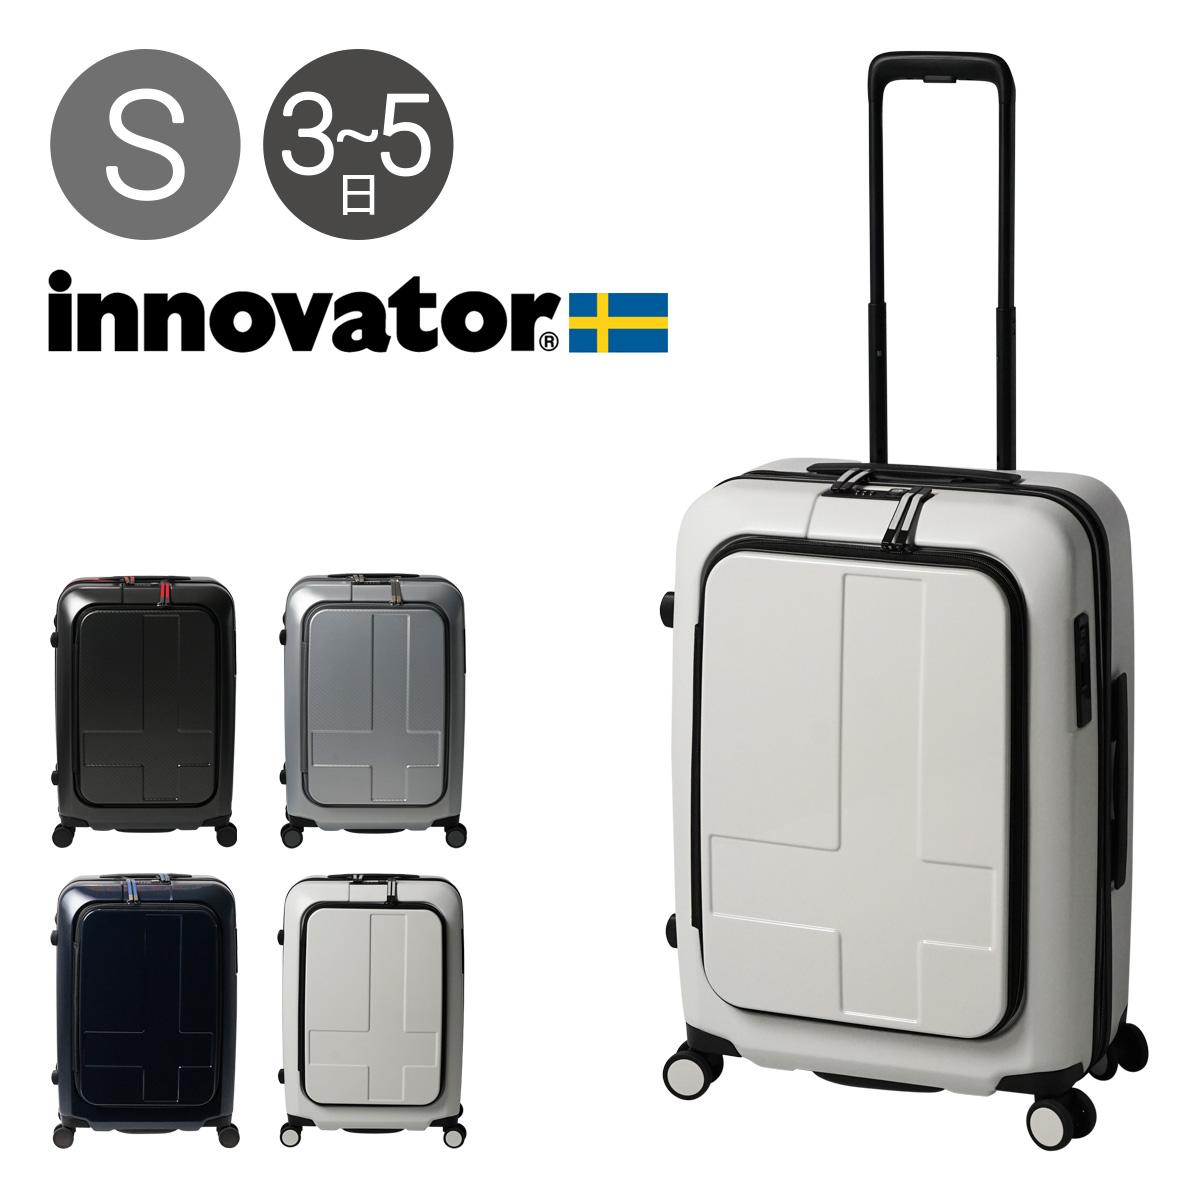 イノベーター スーツケース 60L 59cm 4.2kg IND272 innovator 当社限定 別注モデル ハード ファスナー キャリーバッグ キャリーケース ビジネスキャリー フロントオープン ストッパー付き[11/29][PO5][即日発送]